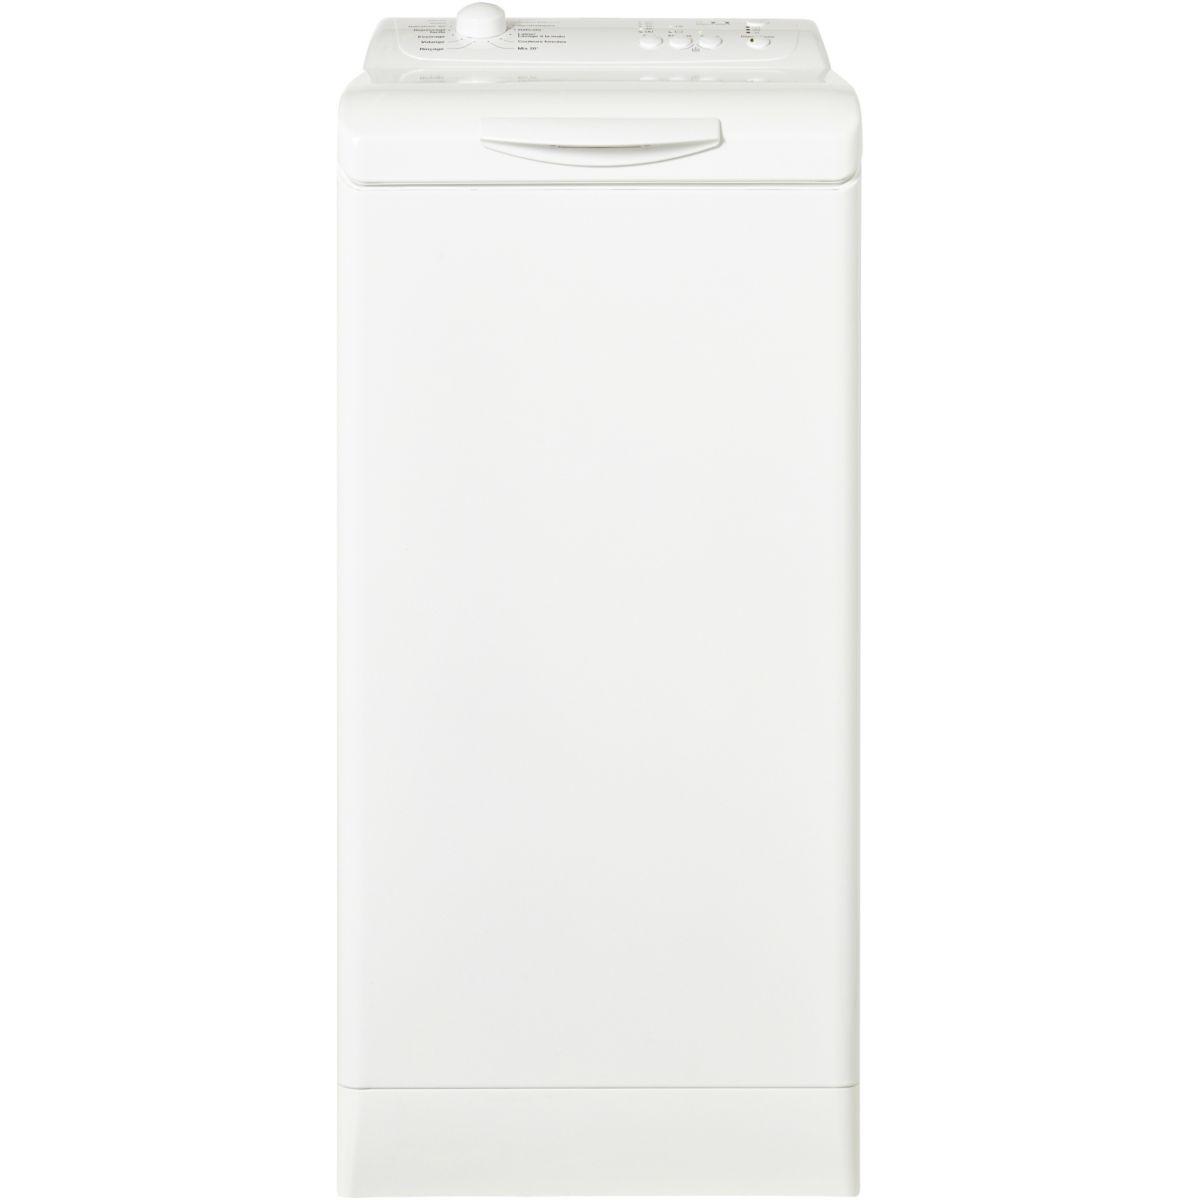 Lave-linge Top Faure EX FWQ 6328